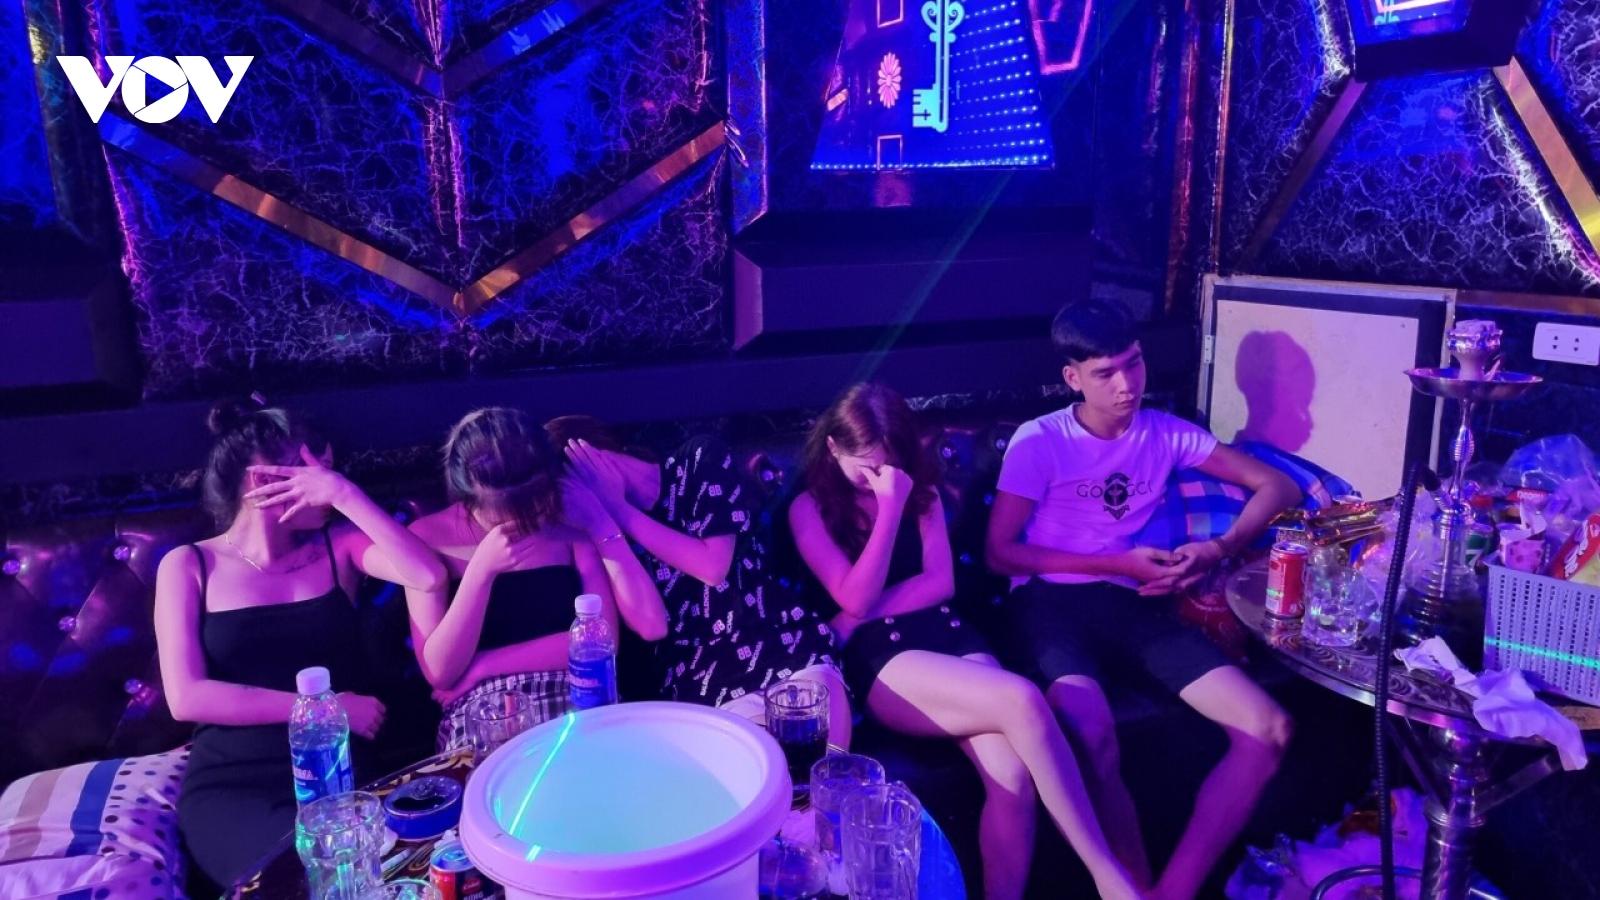 Bắt quả tang 33 thanh niên sử dụng ma tuý trong phòng karaoke tại Bắc Ninh